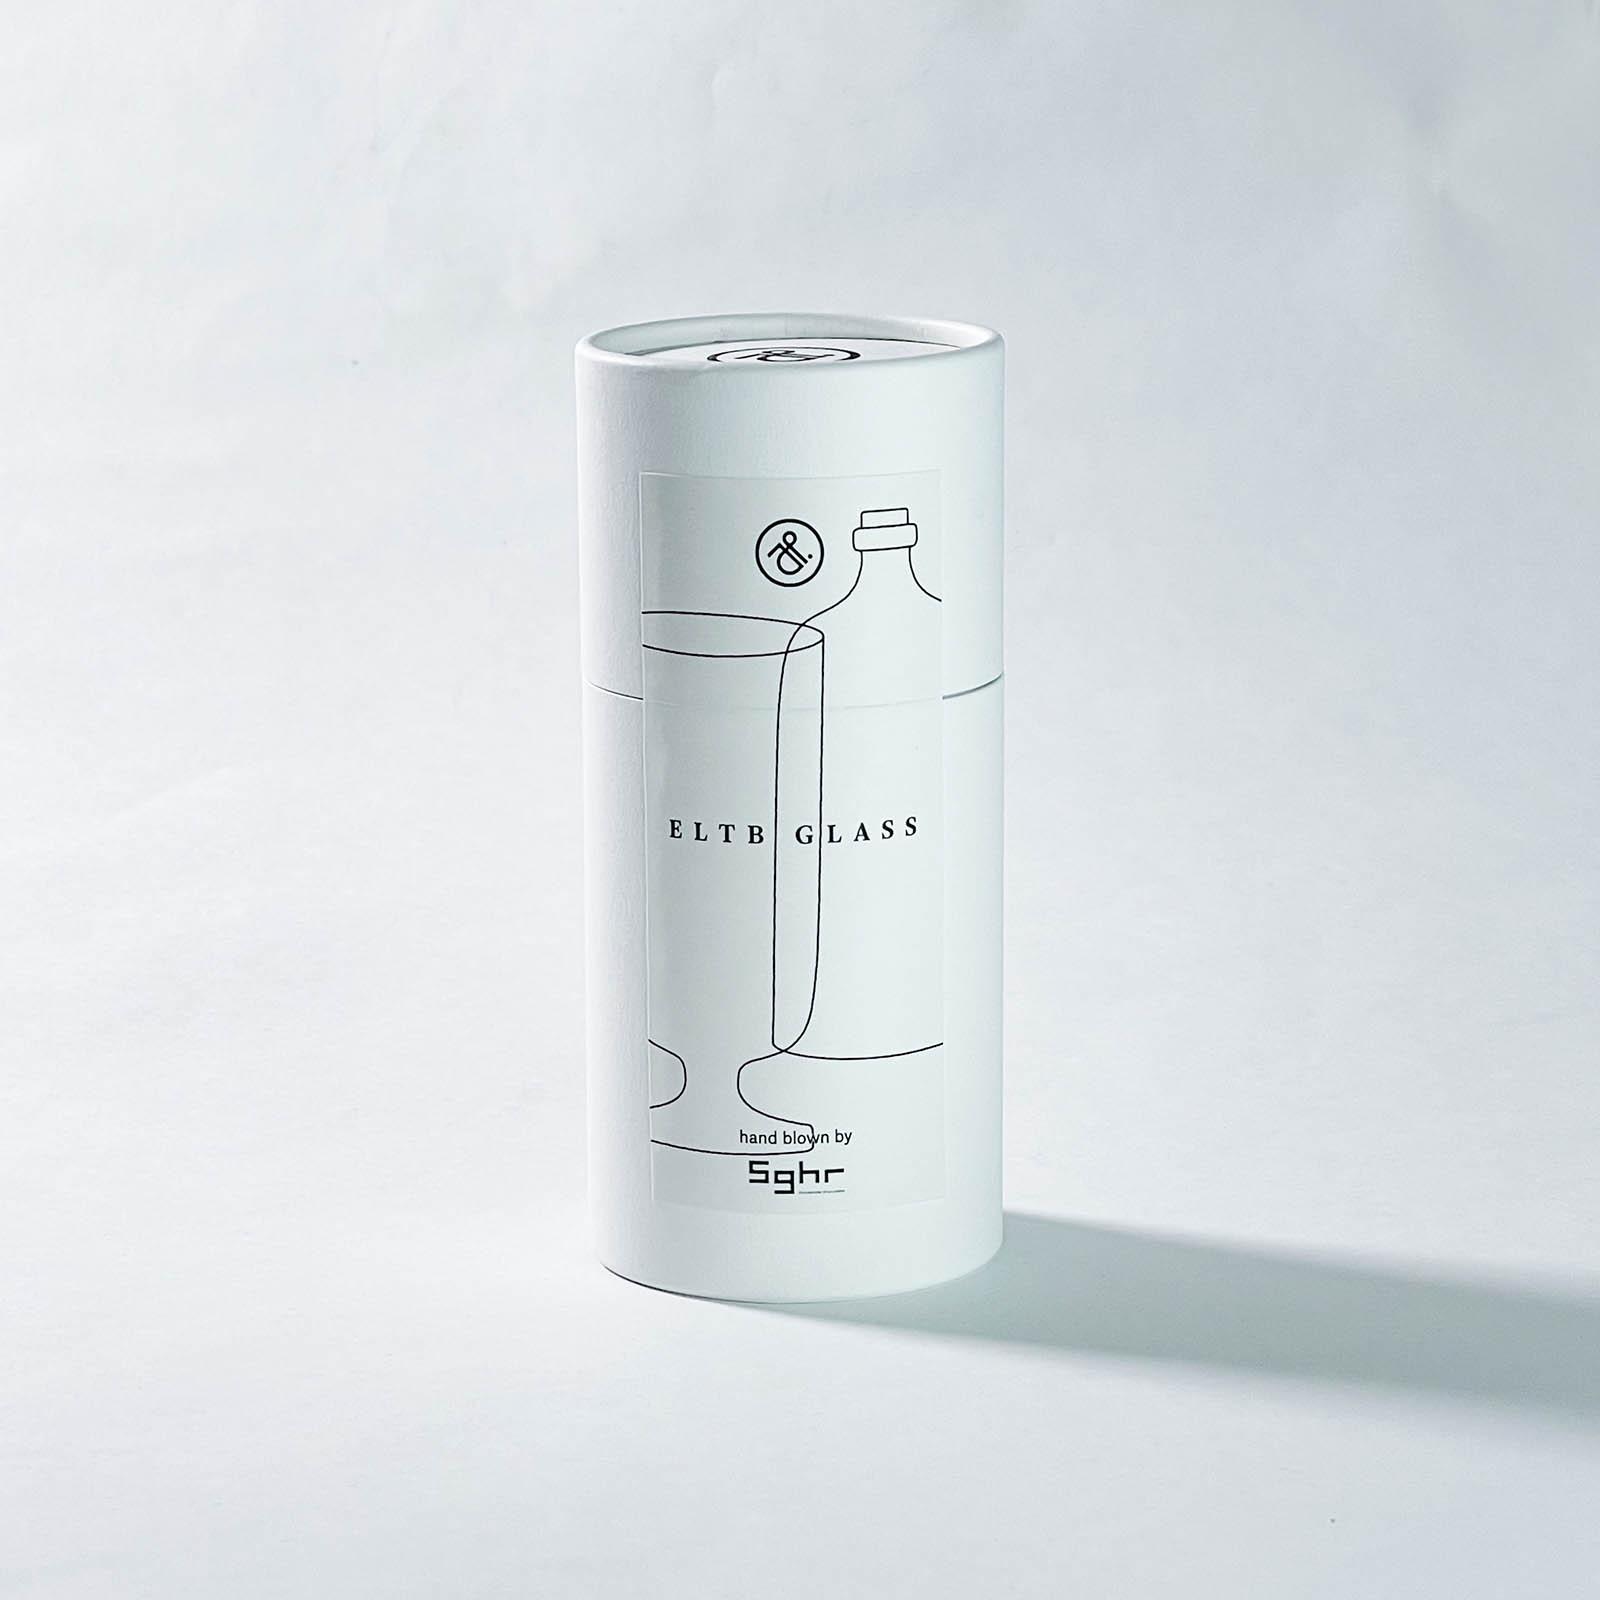 mitosaya × Sghr:蒸留酒 YAMAGATA KIRSCHWASSER 1本+ELTB GLASS 1客 セット GIFT